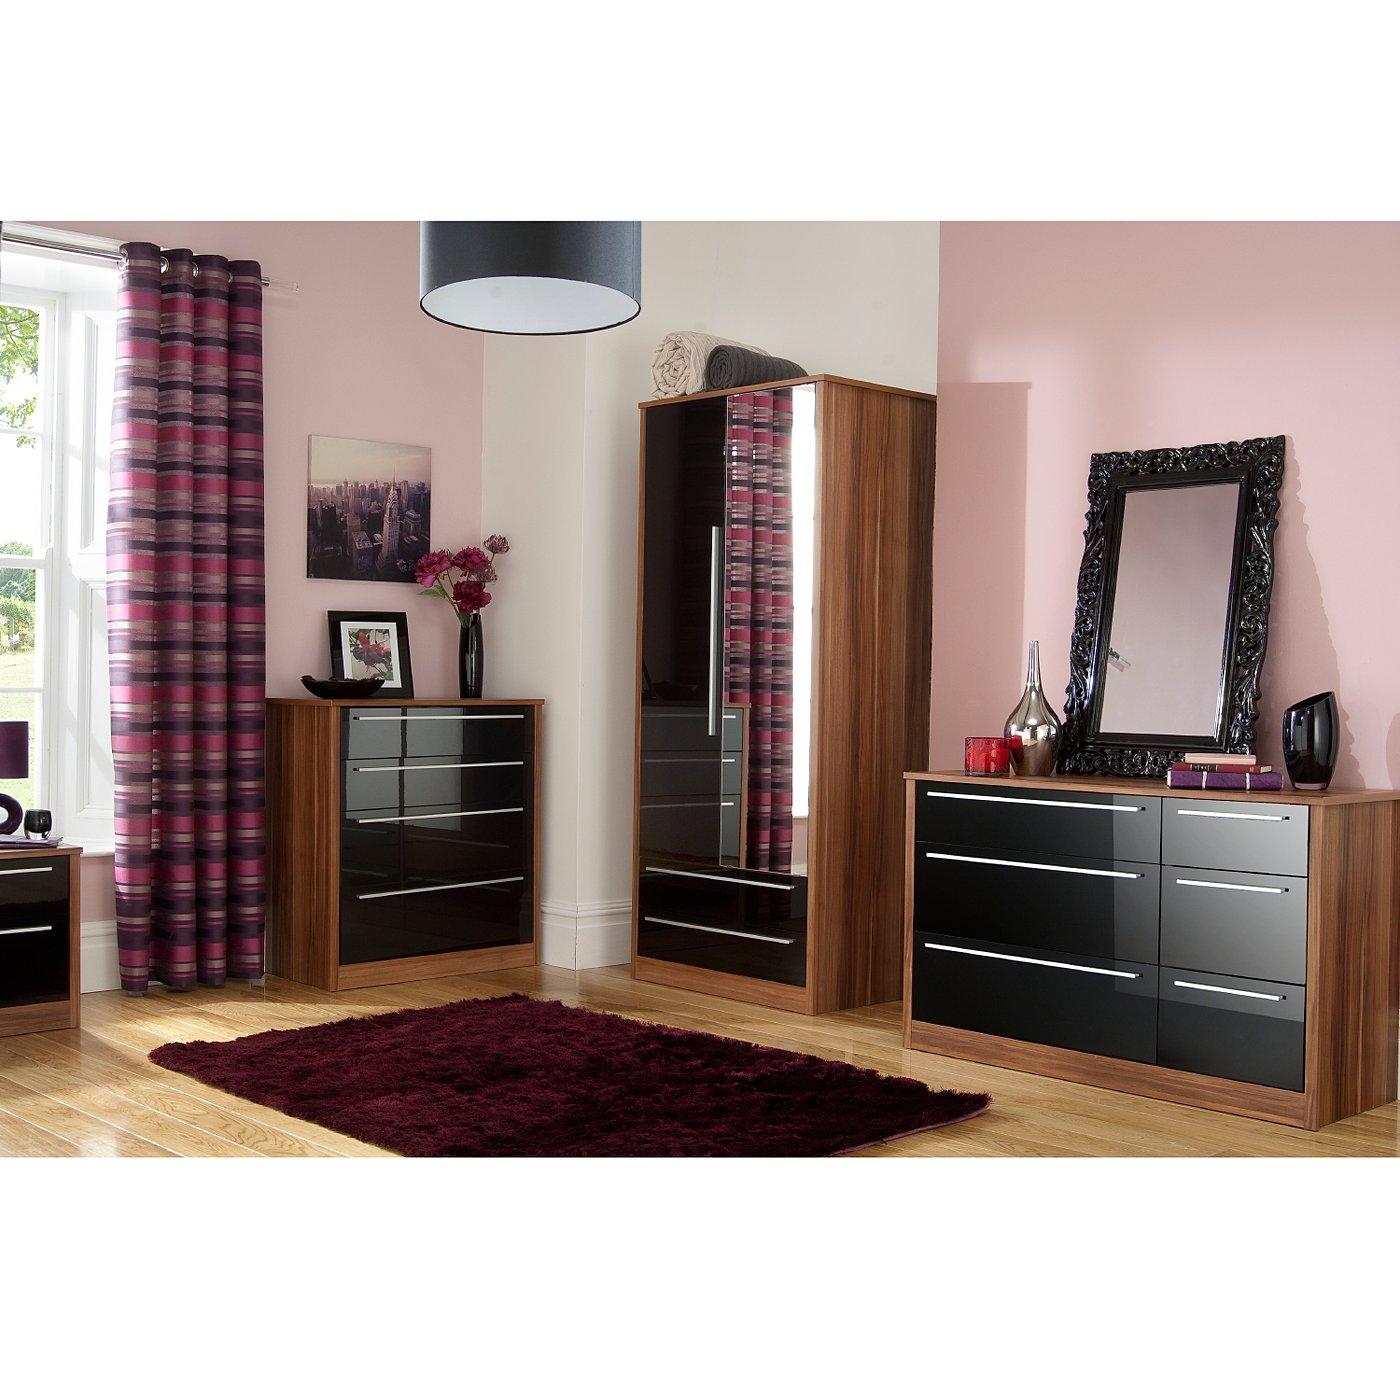 Melbourne Bedroom Furniture Melbourne Black Gloss Walnut Effect Furniture Range Bedroom